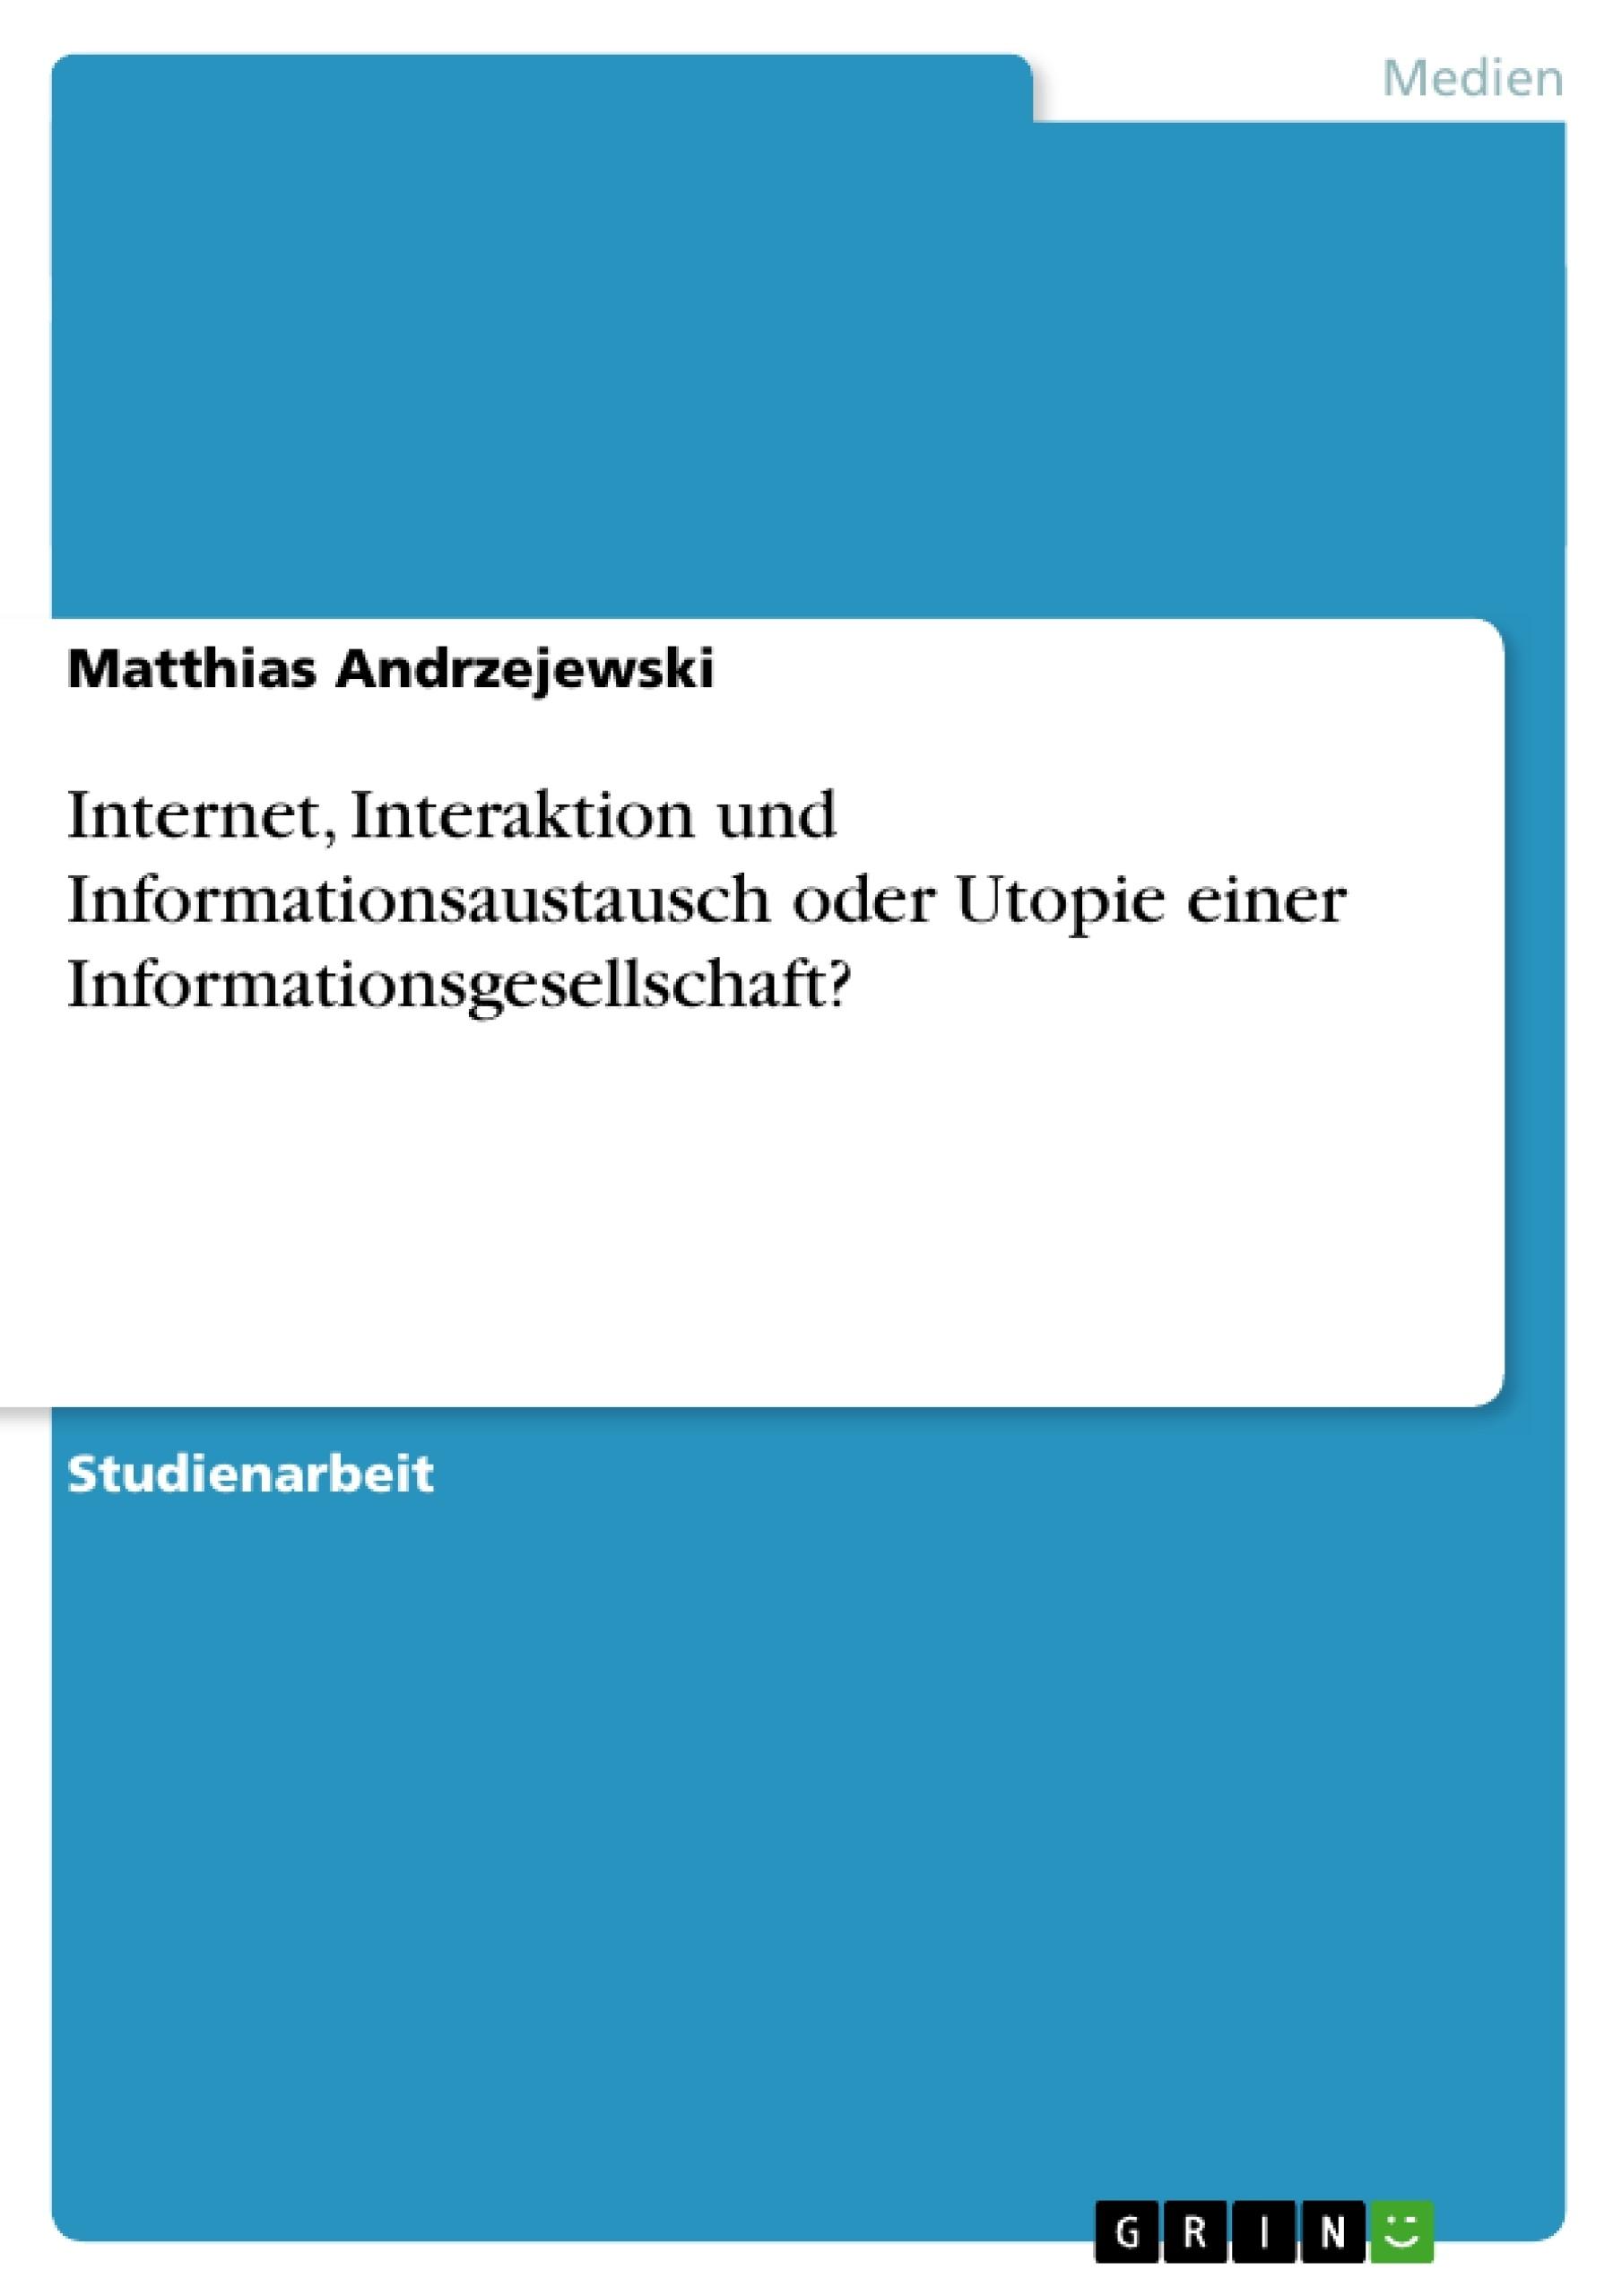 Titel: Internet, Interaktion und  Informationsaustausch oder Utopie einer Informationsgesellschaft?